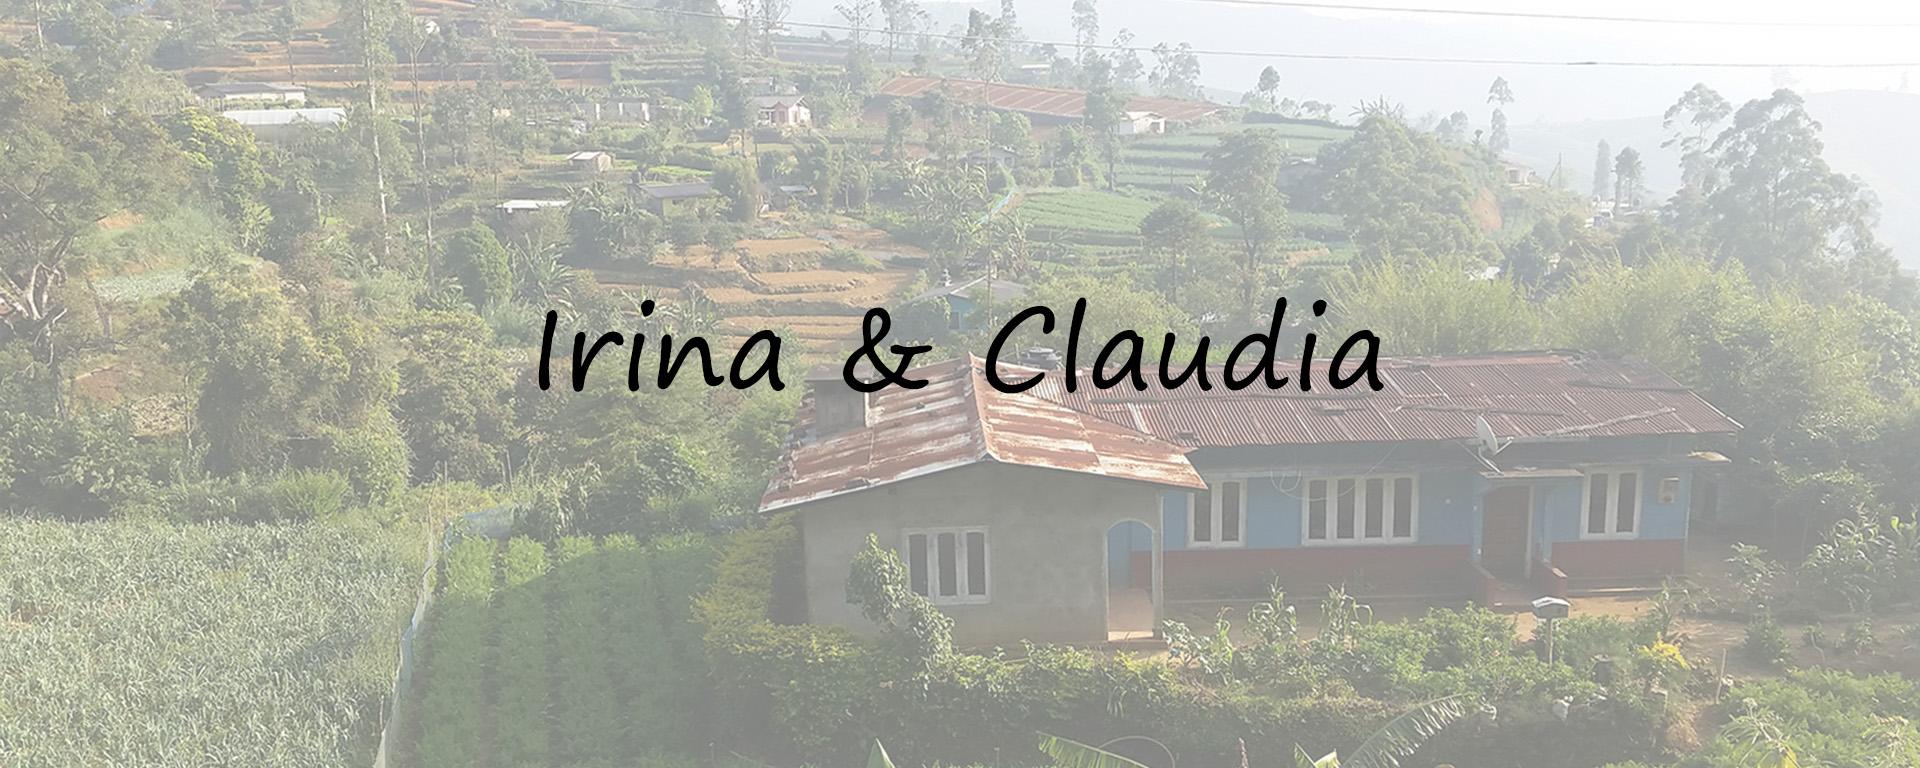 Comment Irina et Claudia se sont-elles retrouvées au Sri Lanka ?